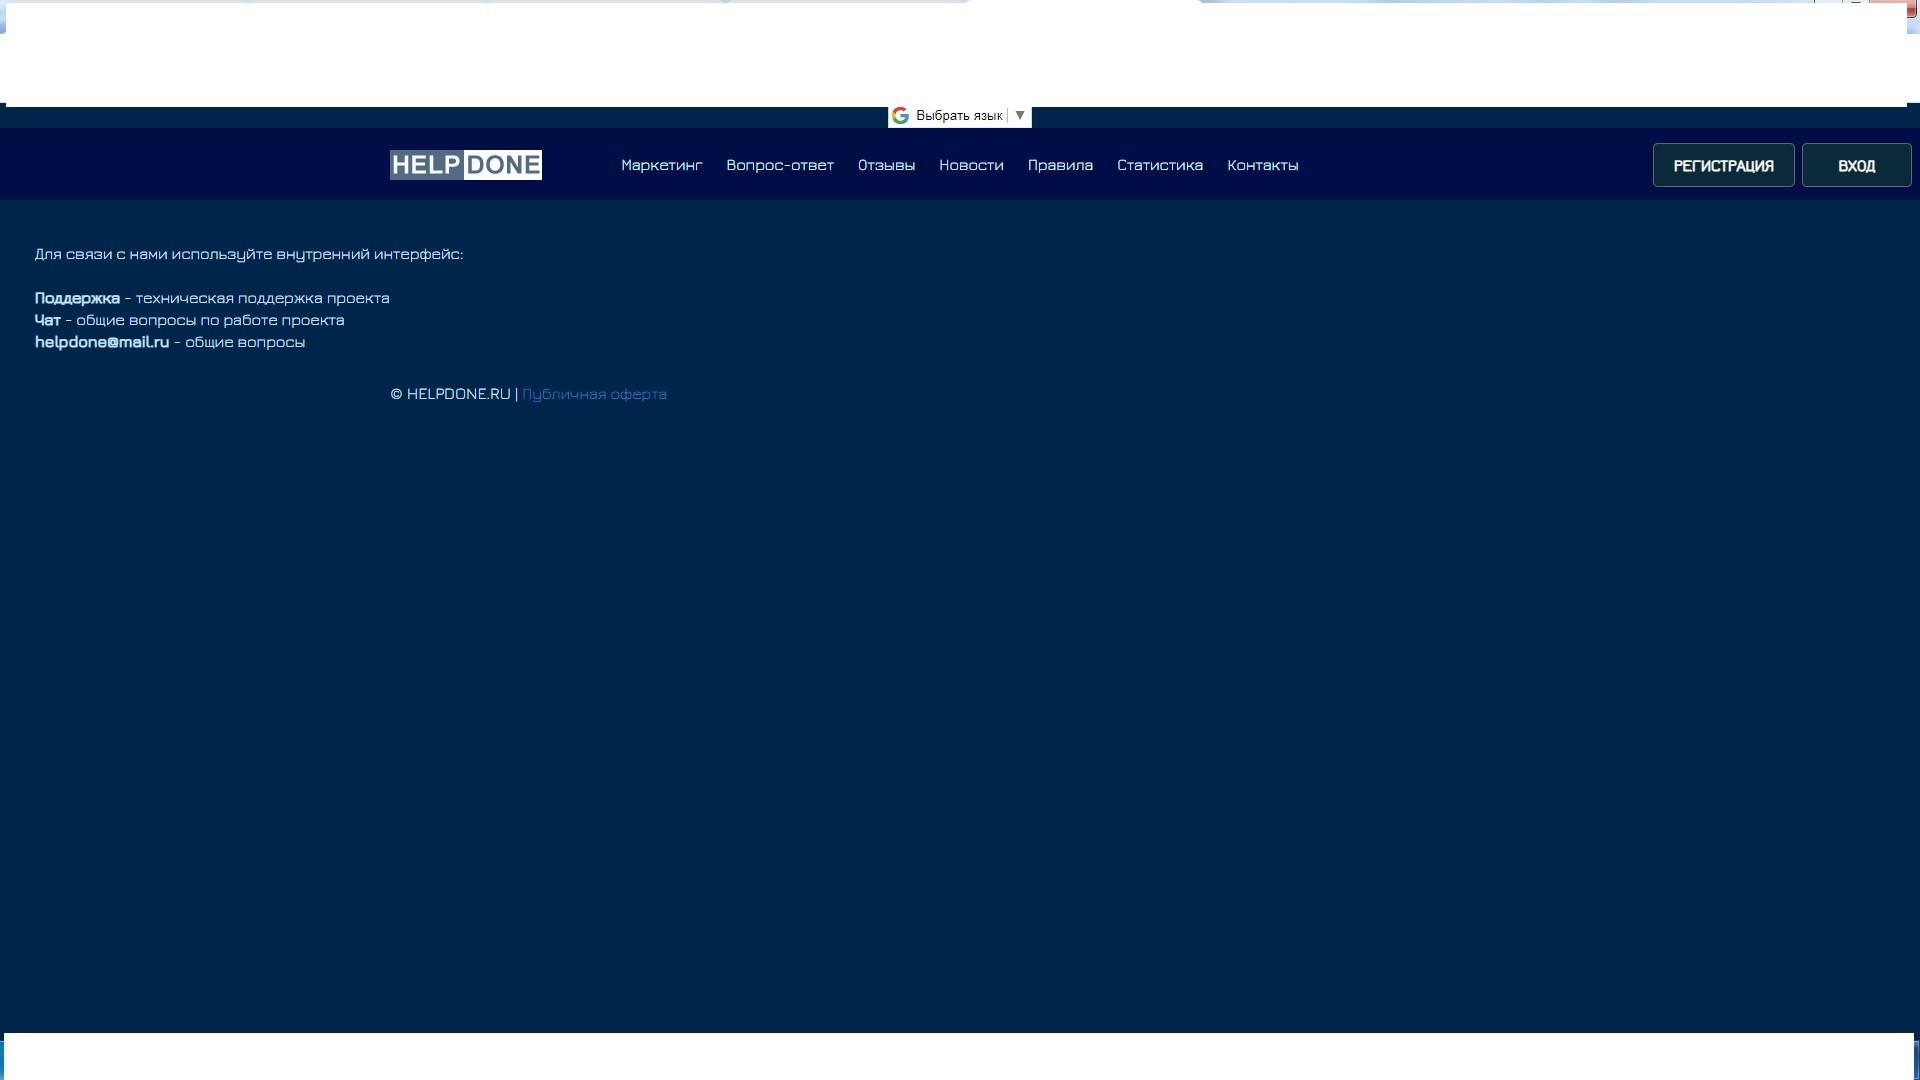 Способы связи с администрацией сайта